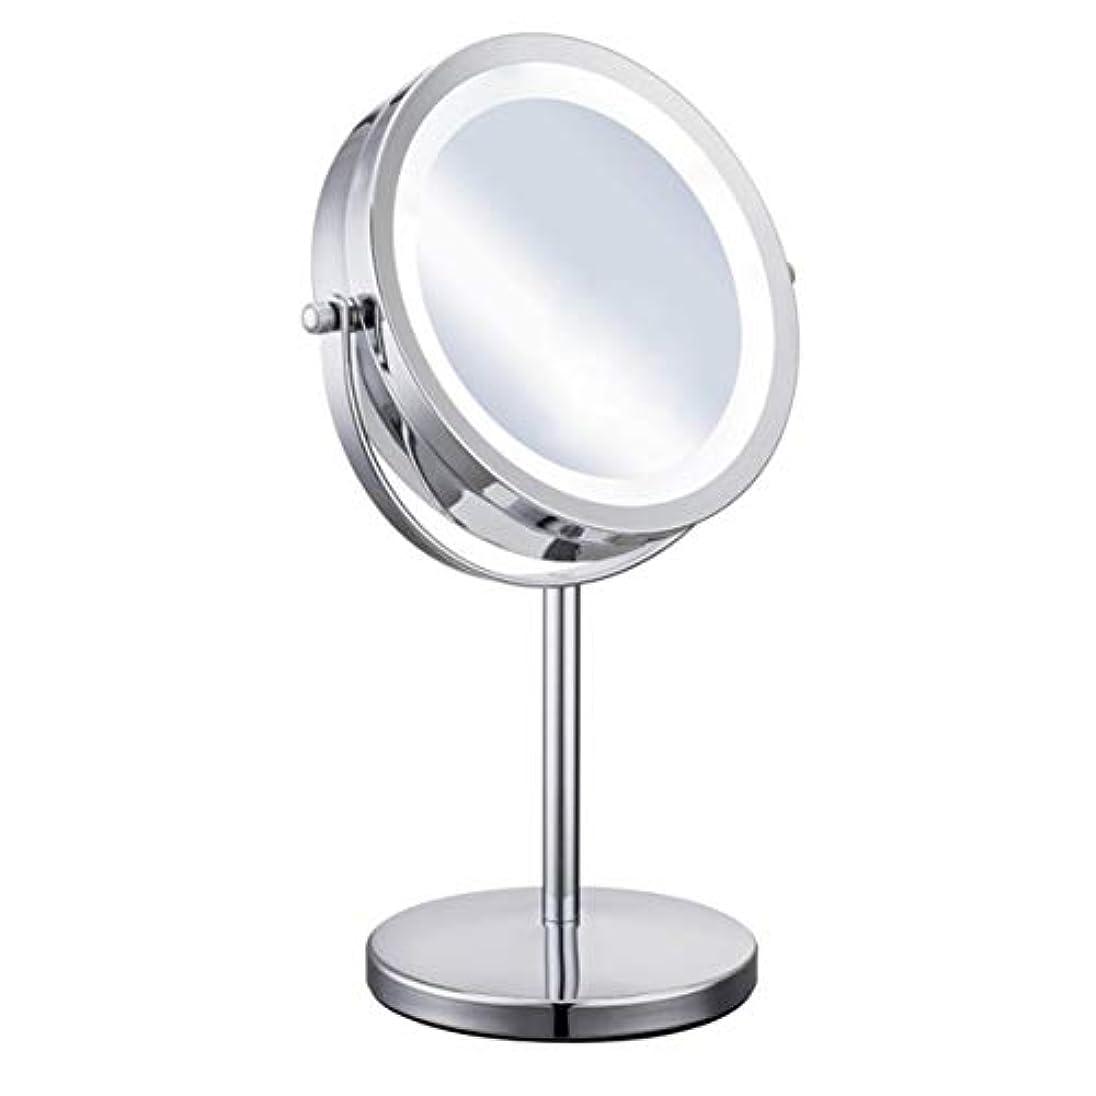 ターミナル岸もろいIntercoreyポータブルサイズ5X倍率フェイシャル化粧品化粧品丸形LEDライト女性デスクトップ化粧鏡